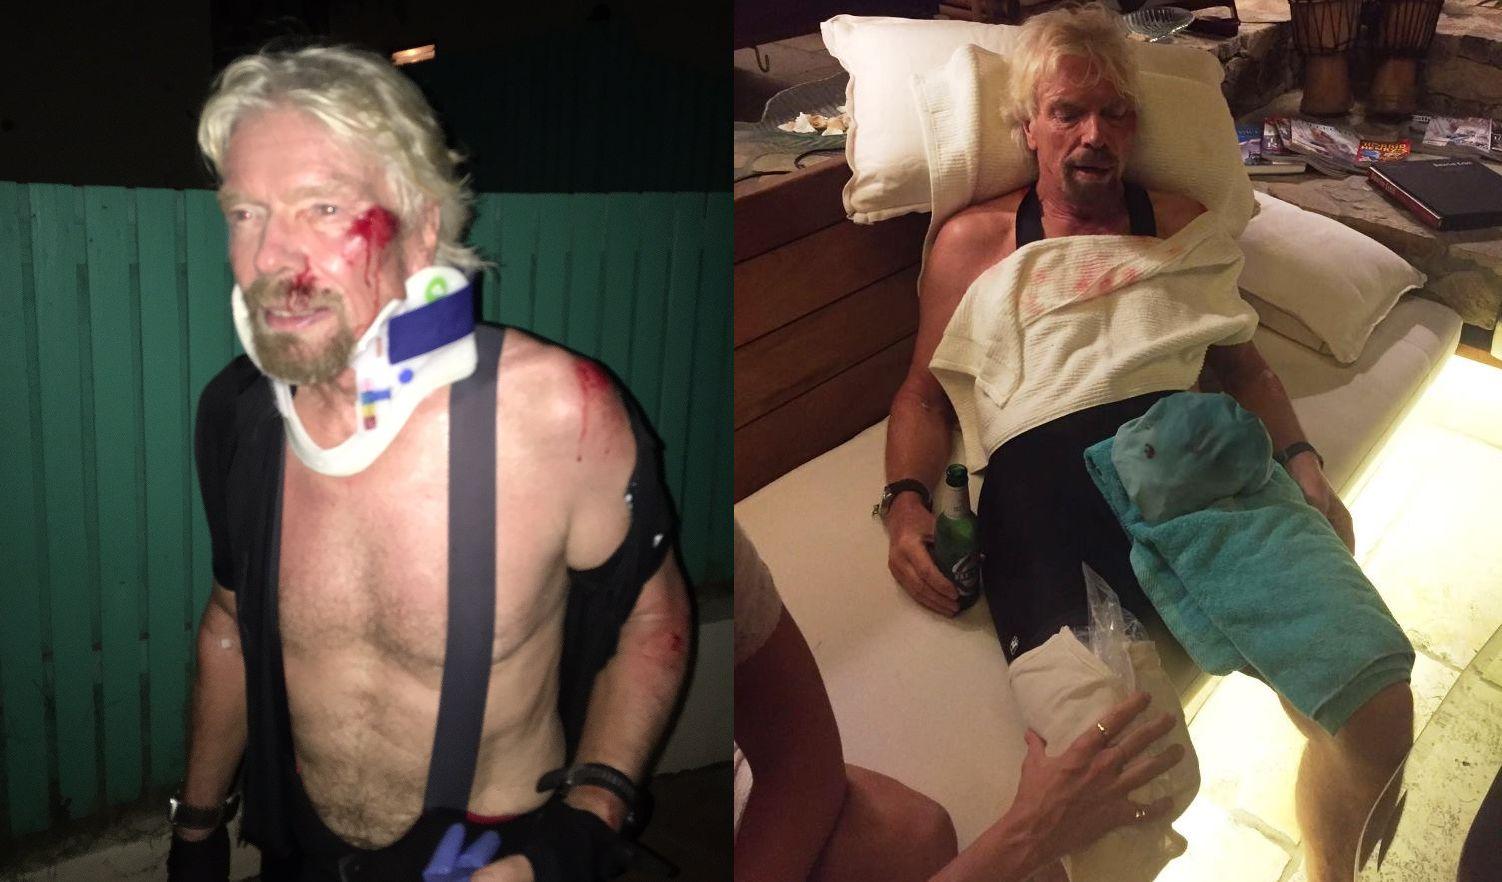 richard bike crash injuries